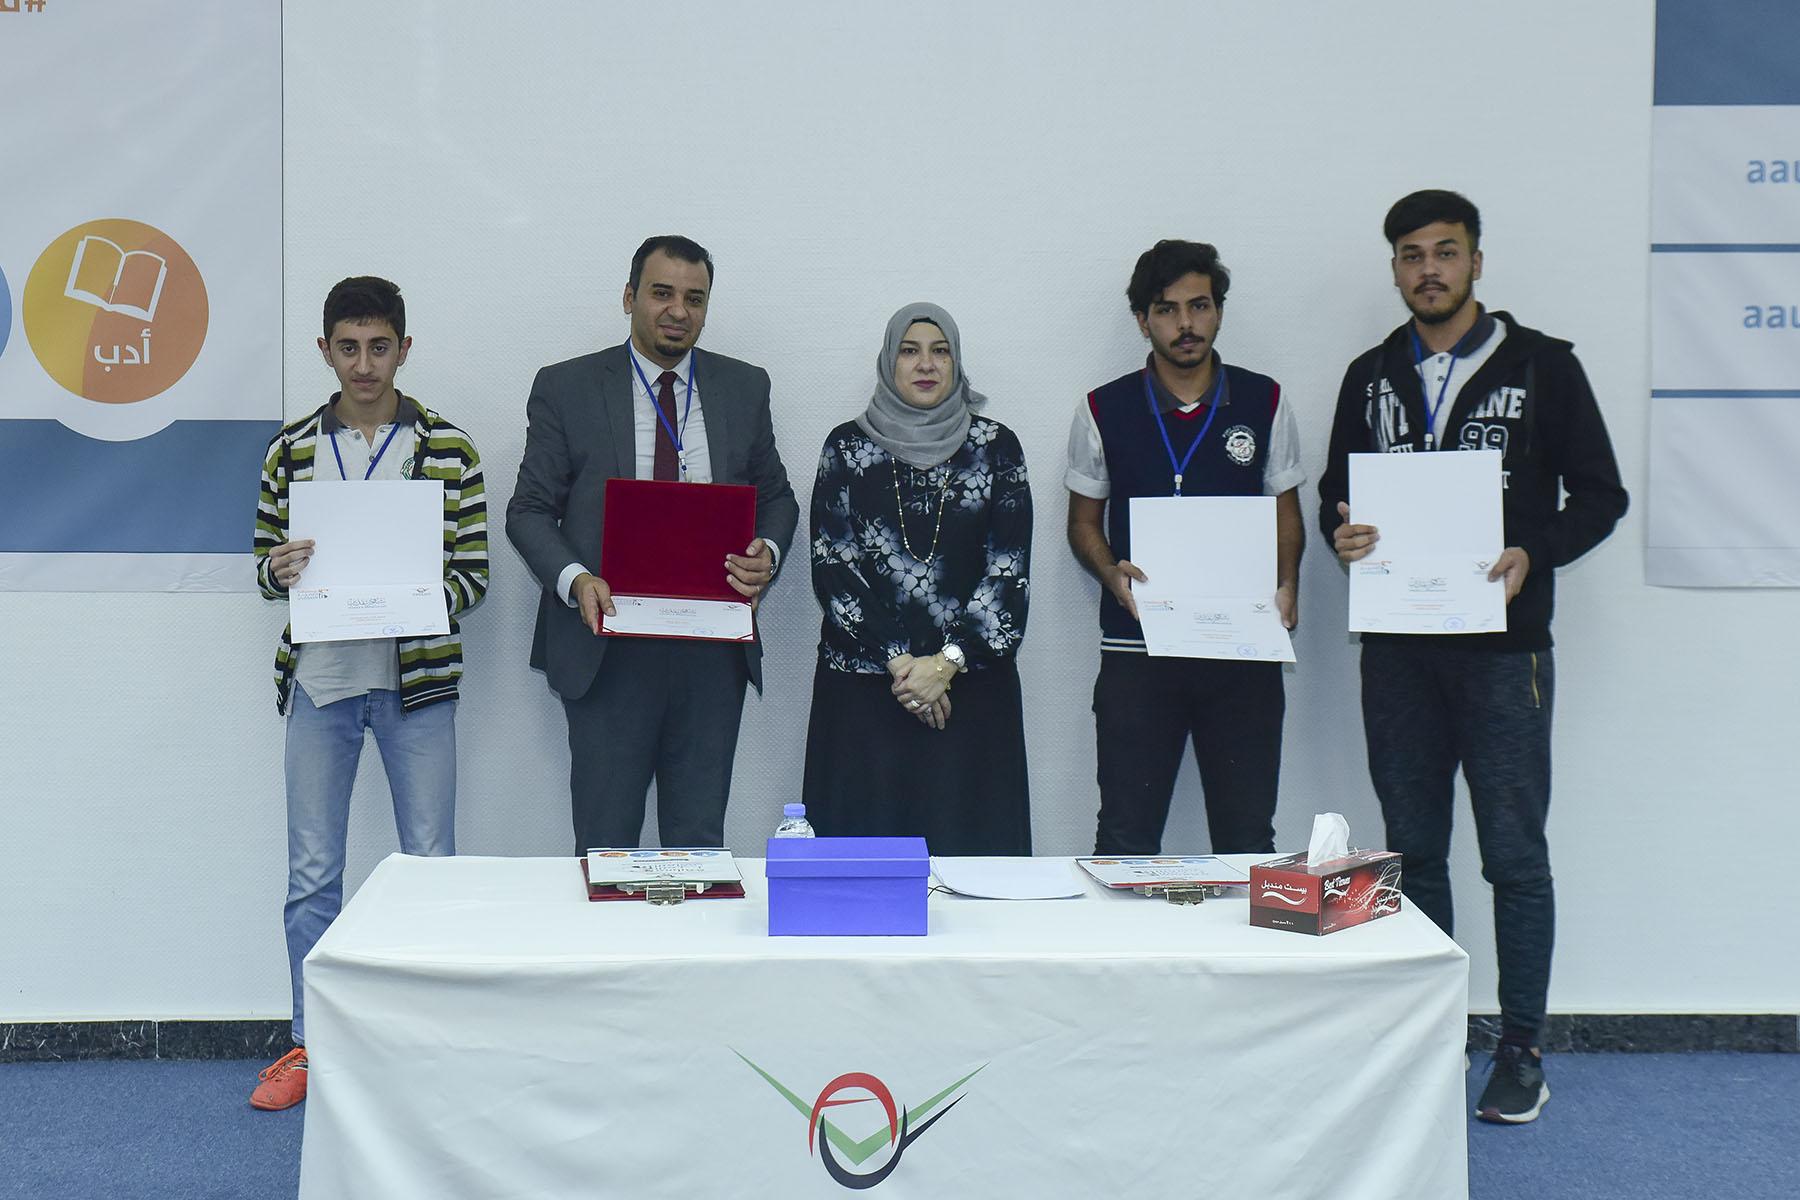 Second Day (Al Hamdanya Grand Private School VS First Lebanon School)